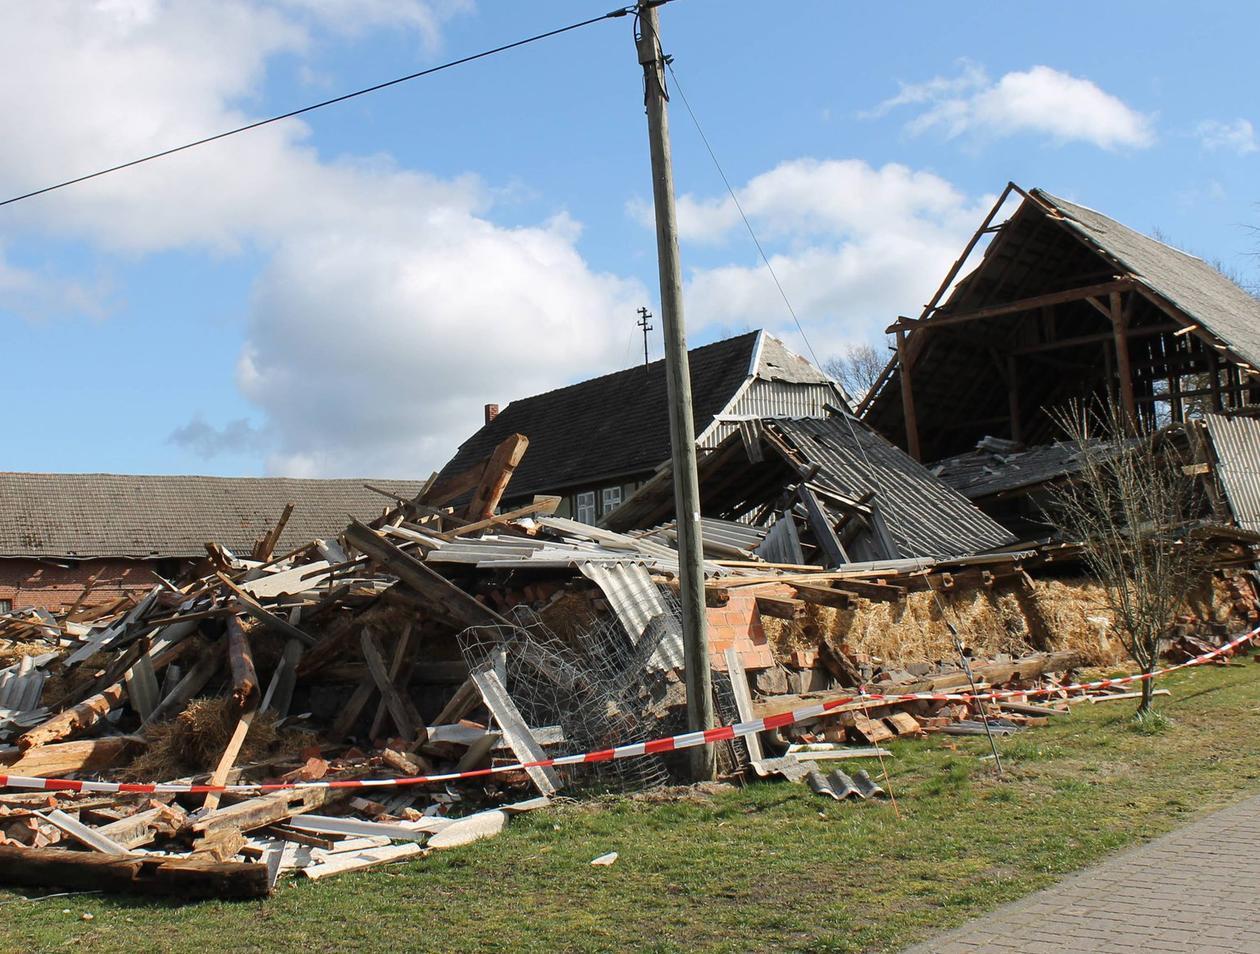 Berühmt Eingestürzte Scheune in Hohenböddenstedt: Abreißen oder stehen PG66